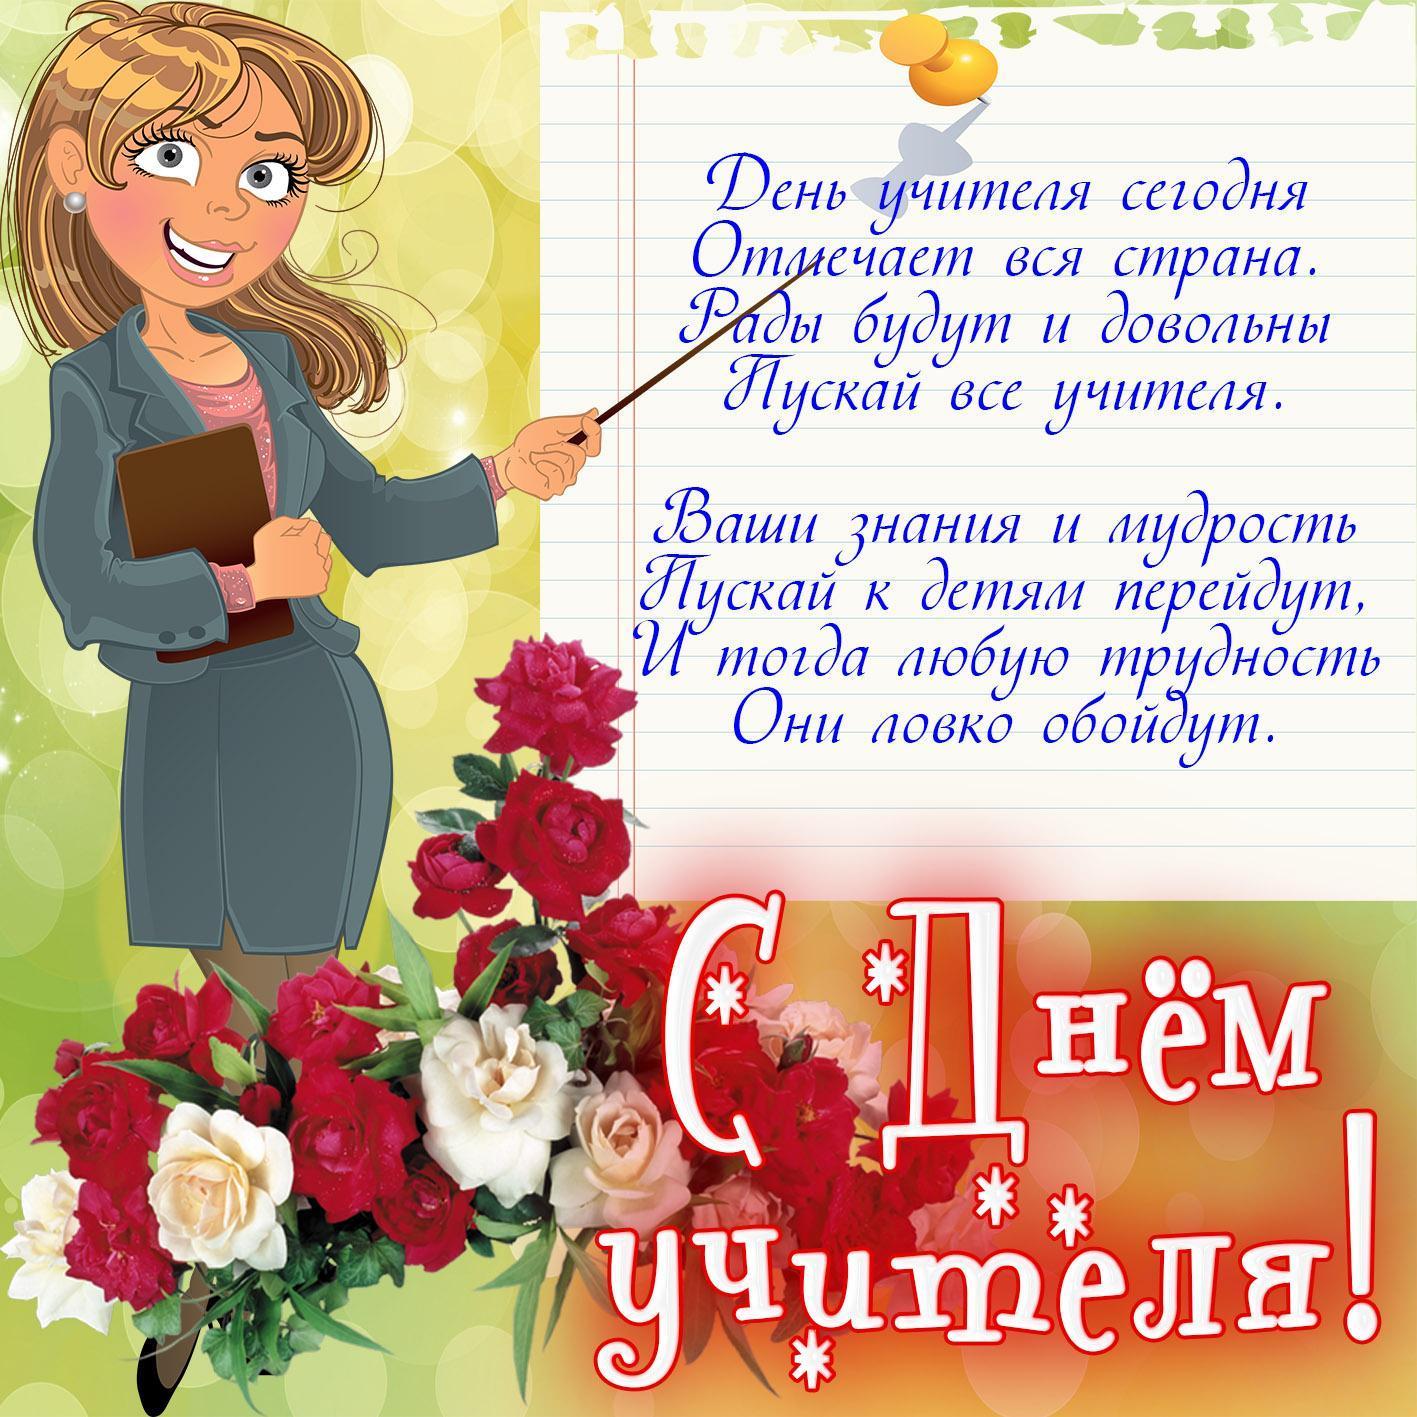 Фото День учителя 5 октября: красивые открытки и поздравления в стихах 6